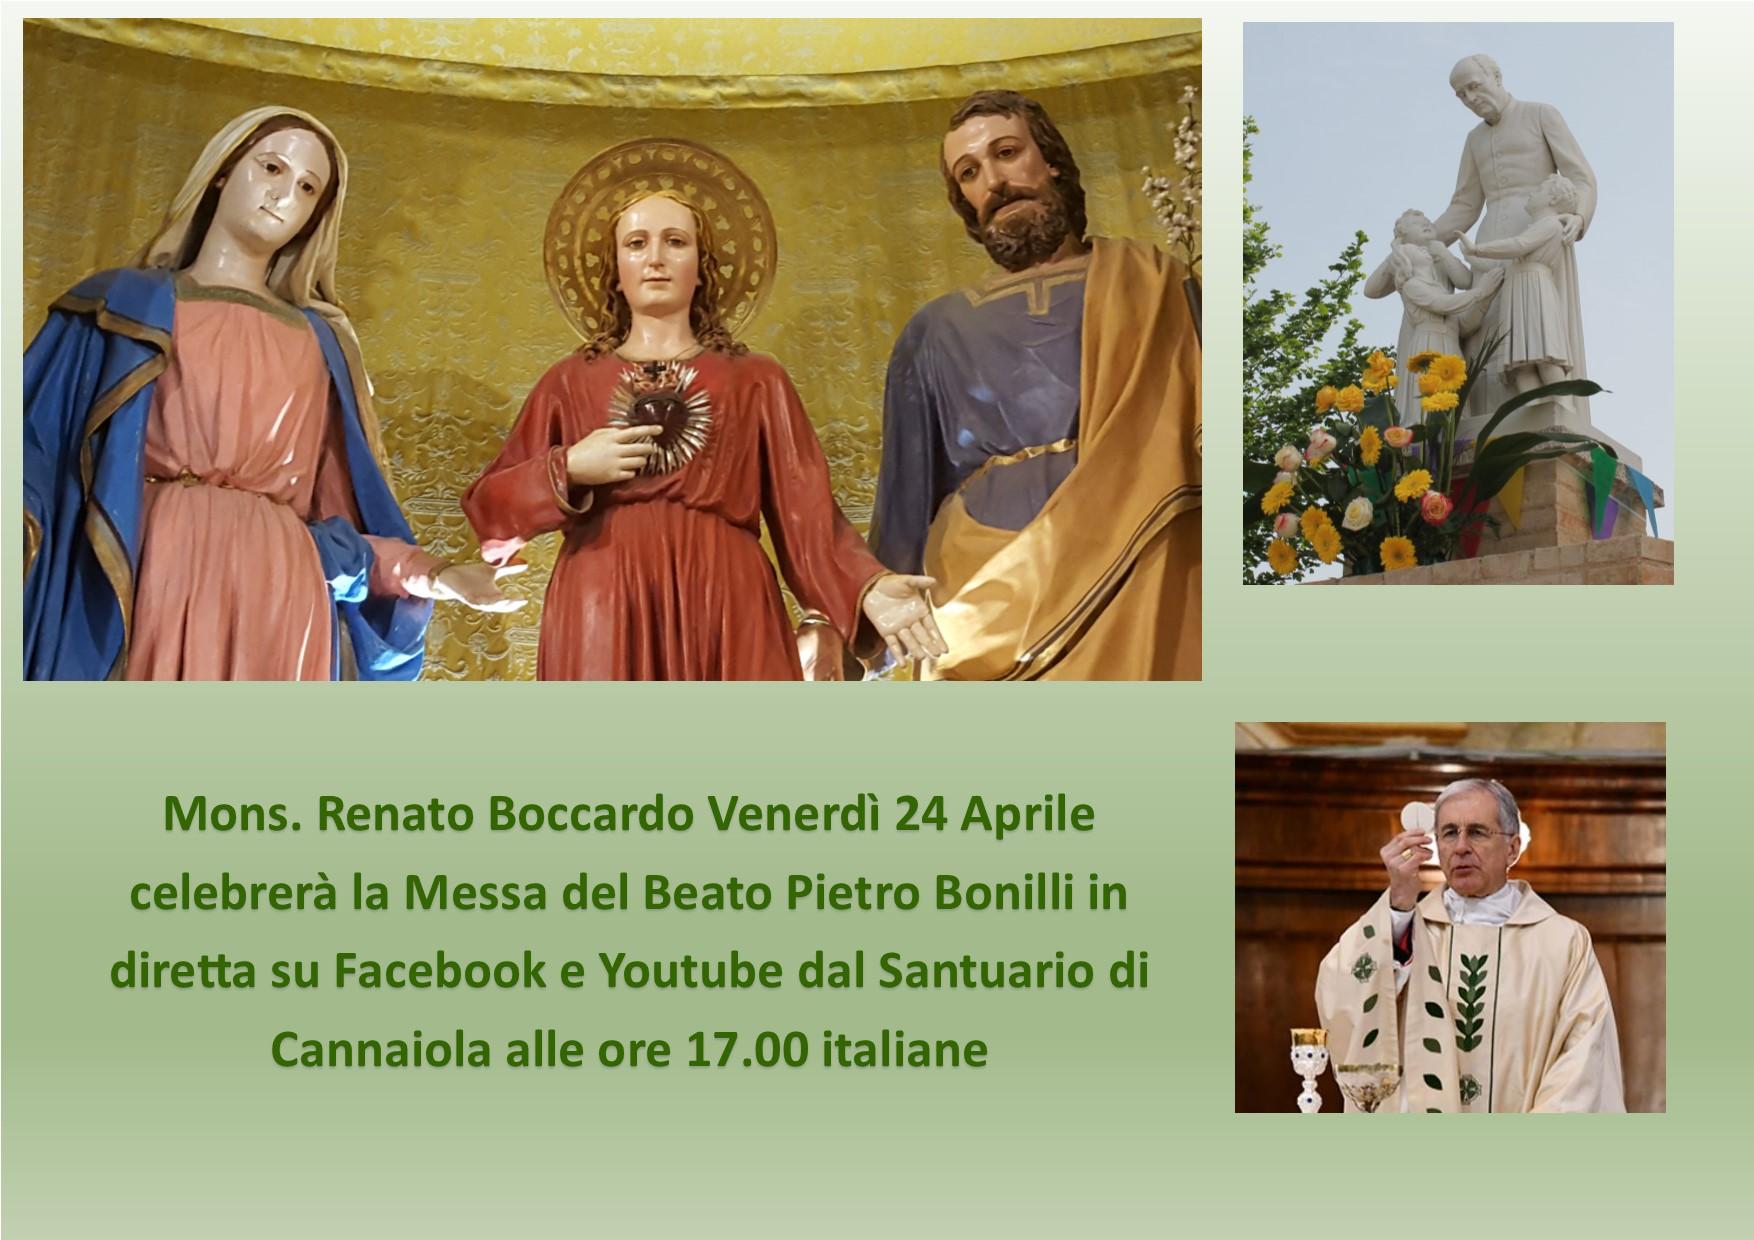 Venerdì 24 Aprile Messa del Beato Pietro Bonilli, presieduta da Mons. R. Boccardo, in diretta dal Santuario di Cannaiola